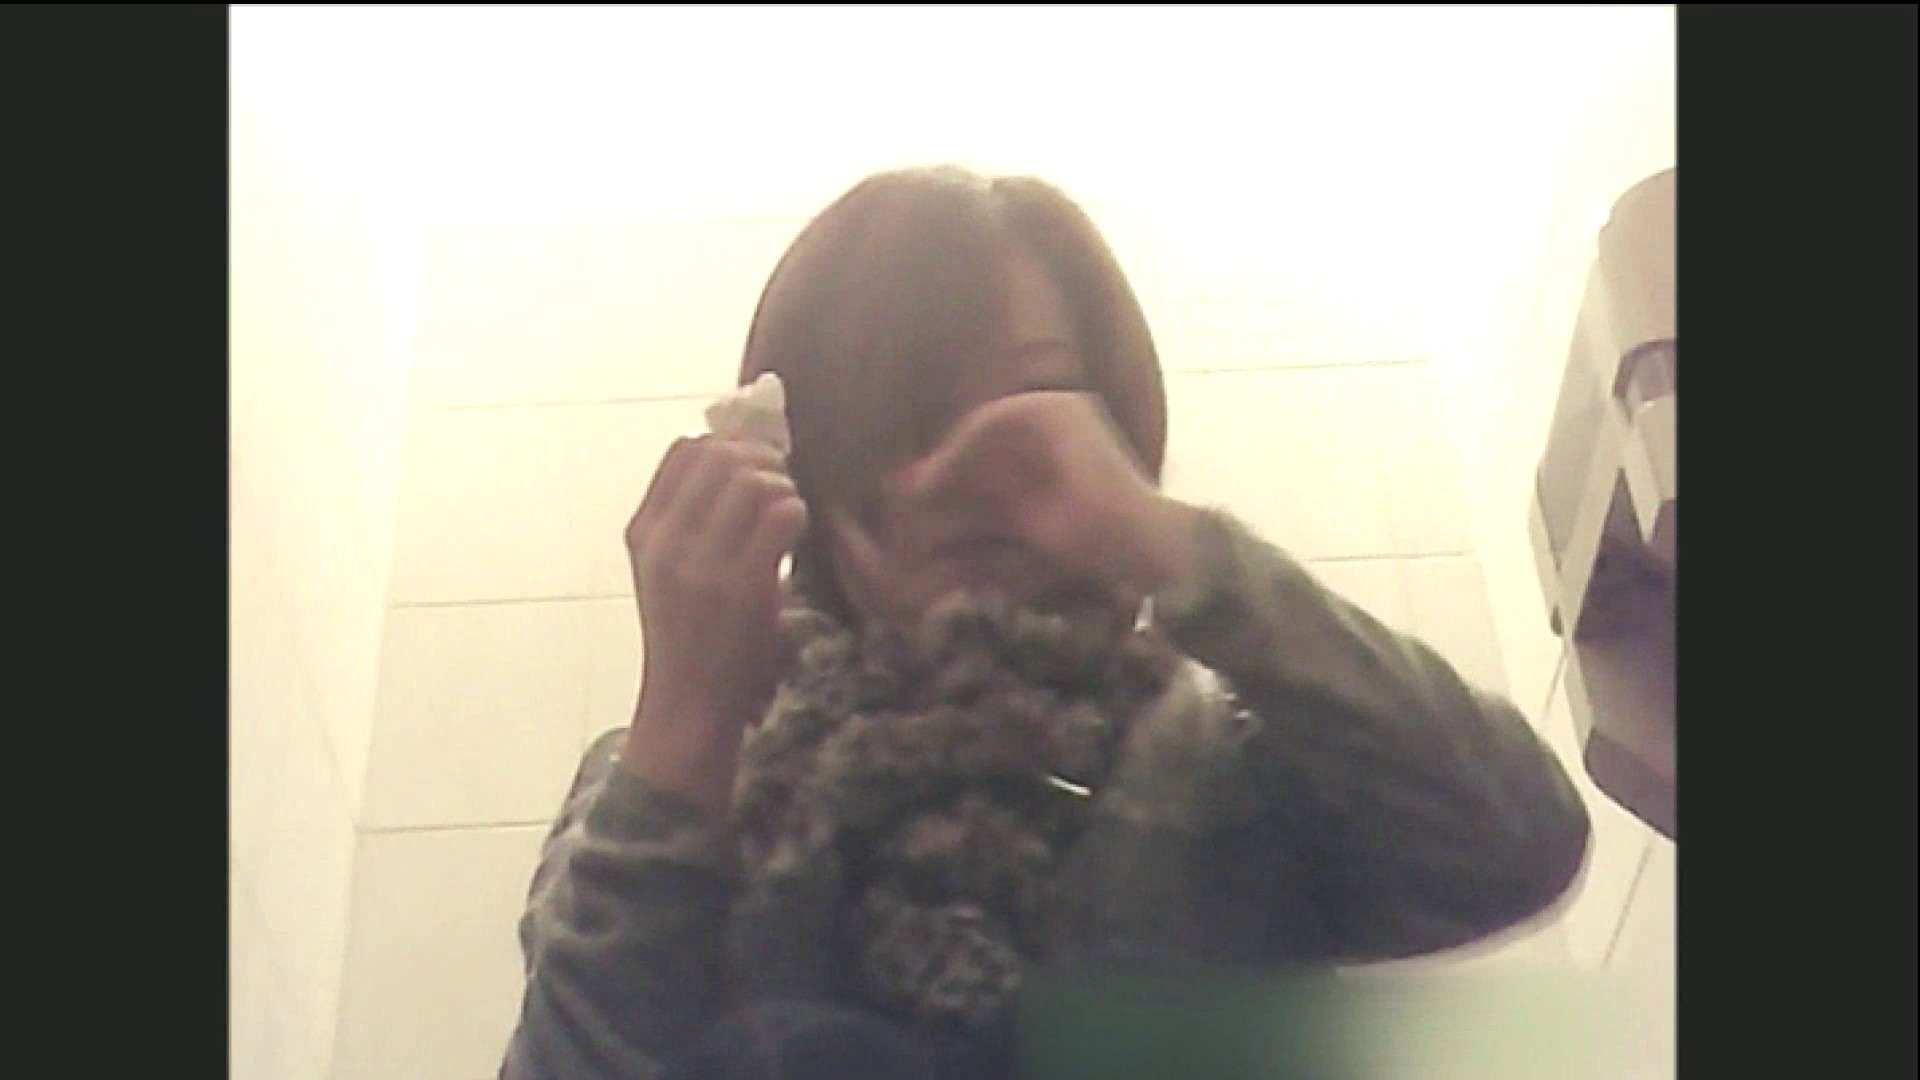 実録!!綺麗なお姉さんのトイレ事情・・・。vol.10 お姉さん のぞきおめこ無修正画像 92PICs 83